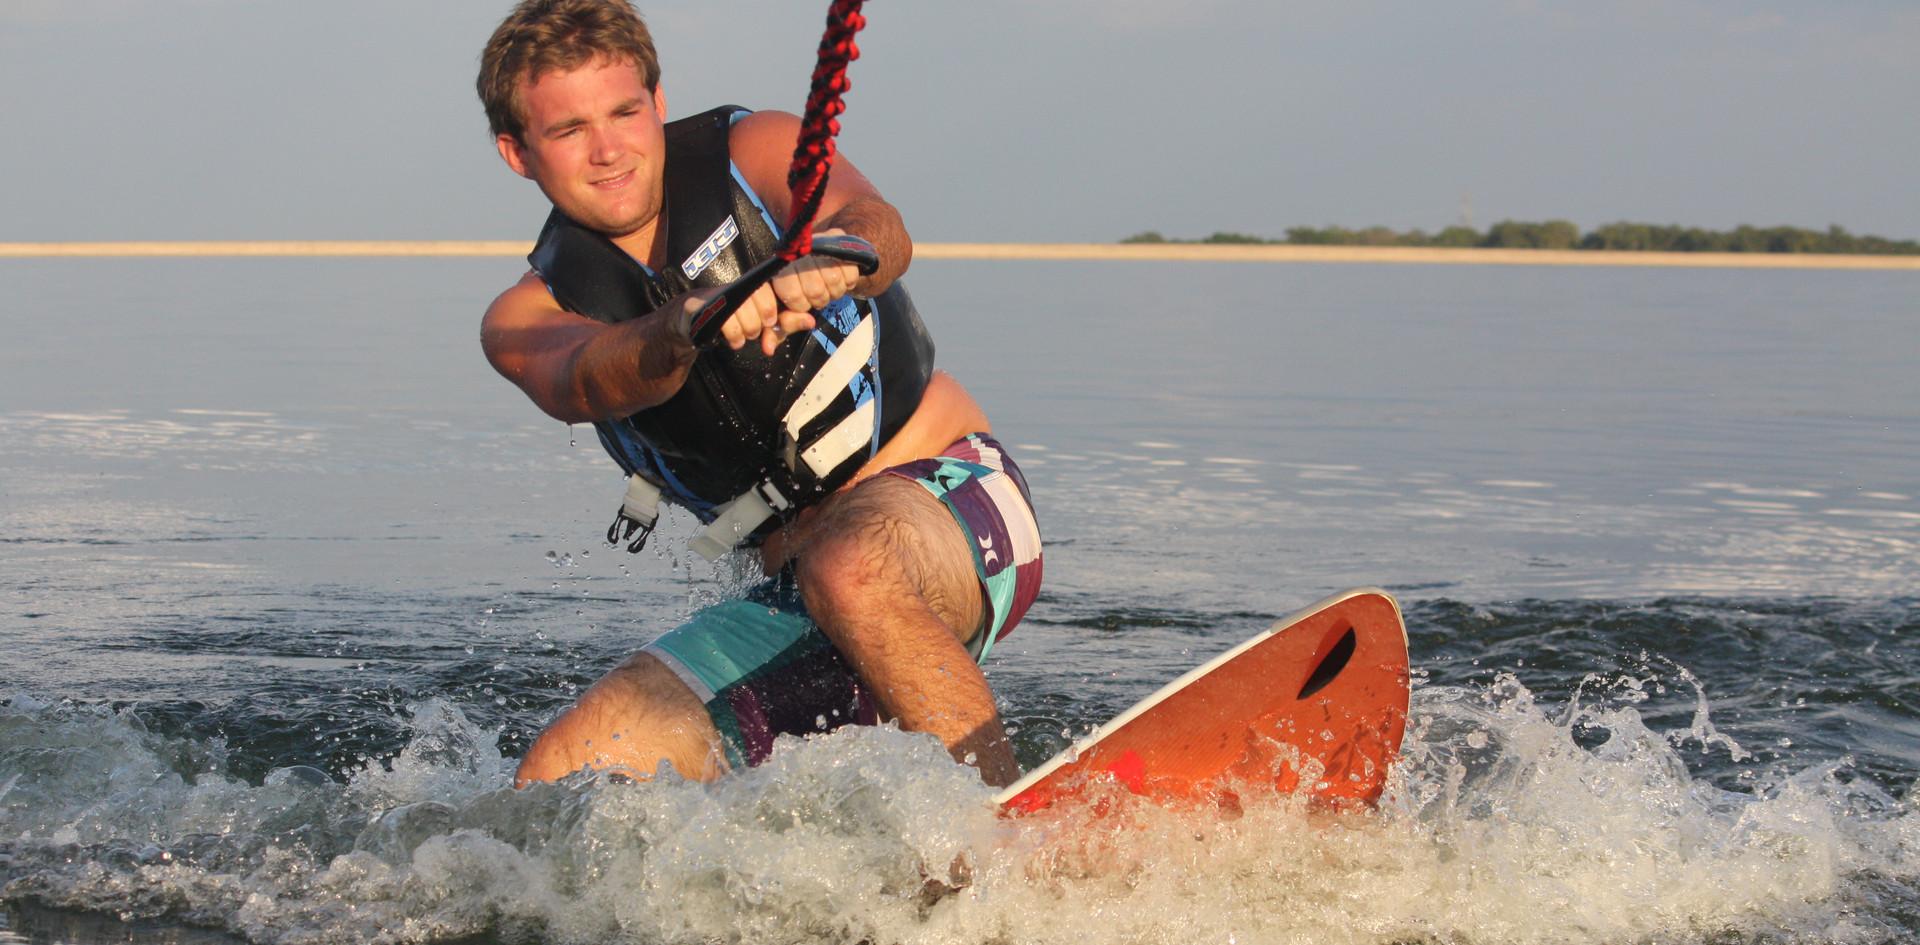 Watersports - Surfing